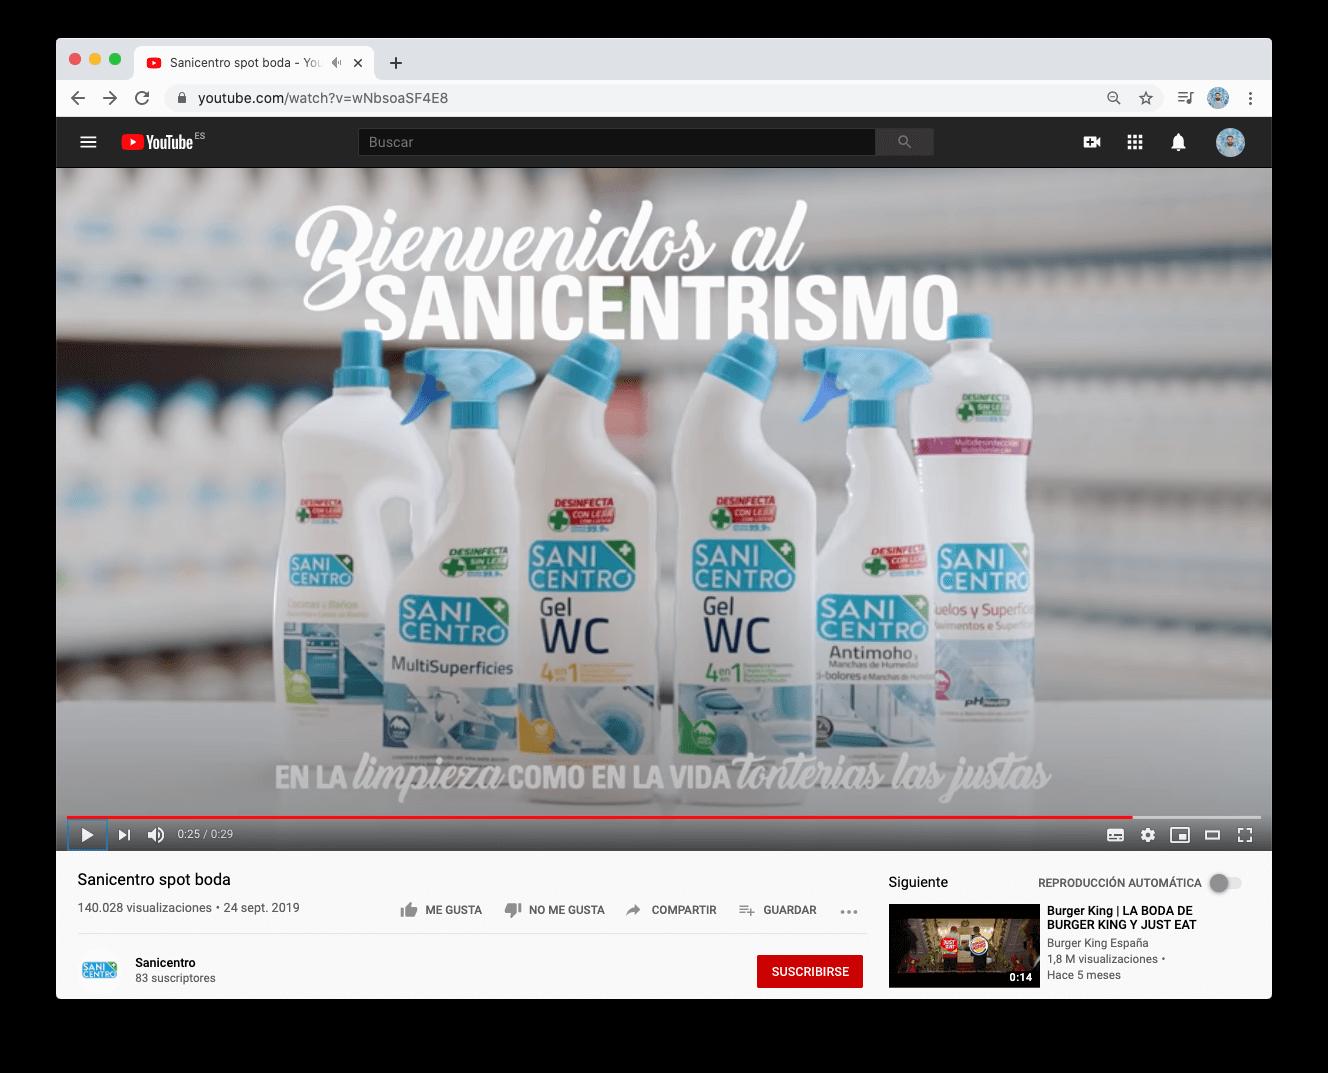 palabras-inventadas-publicidad-sanicentrismo